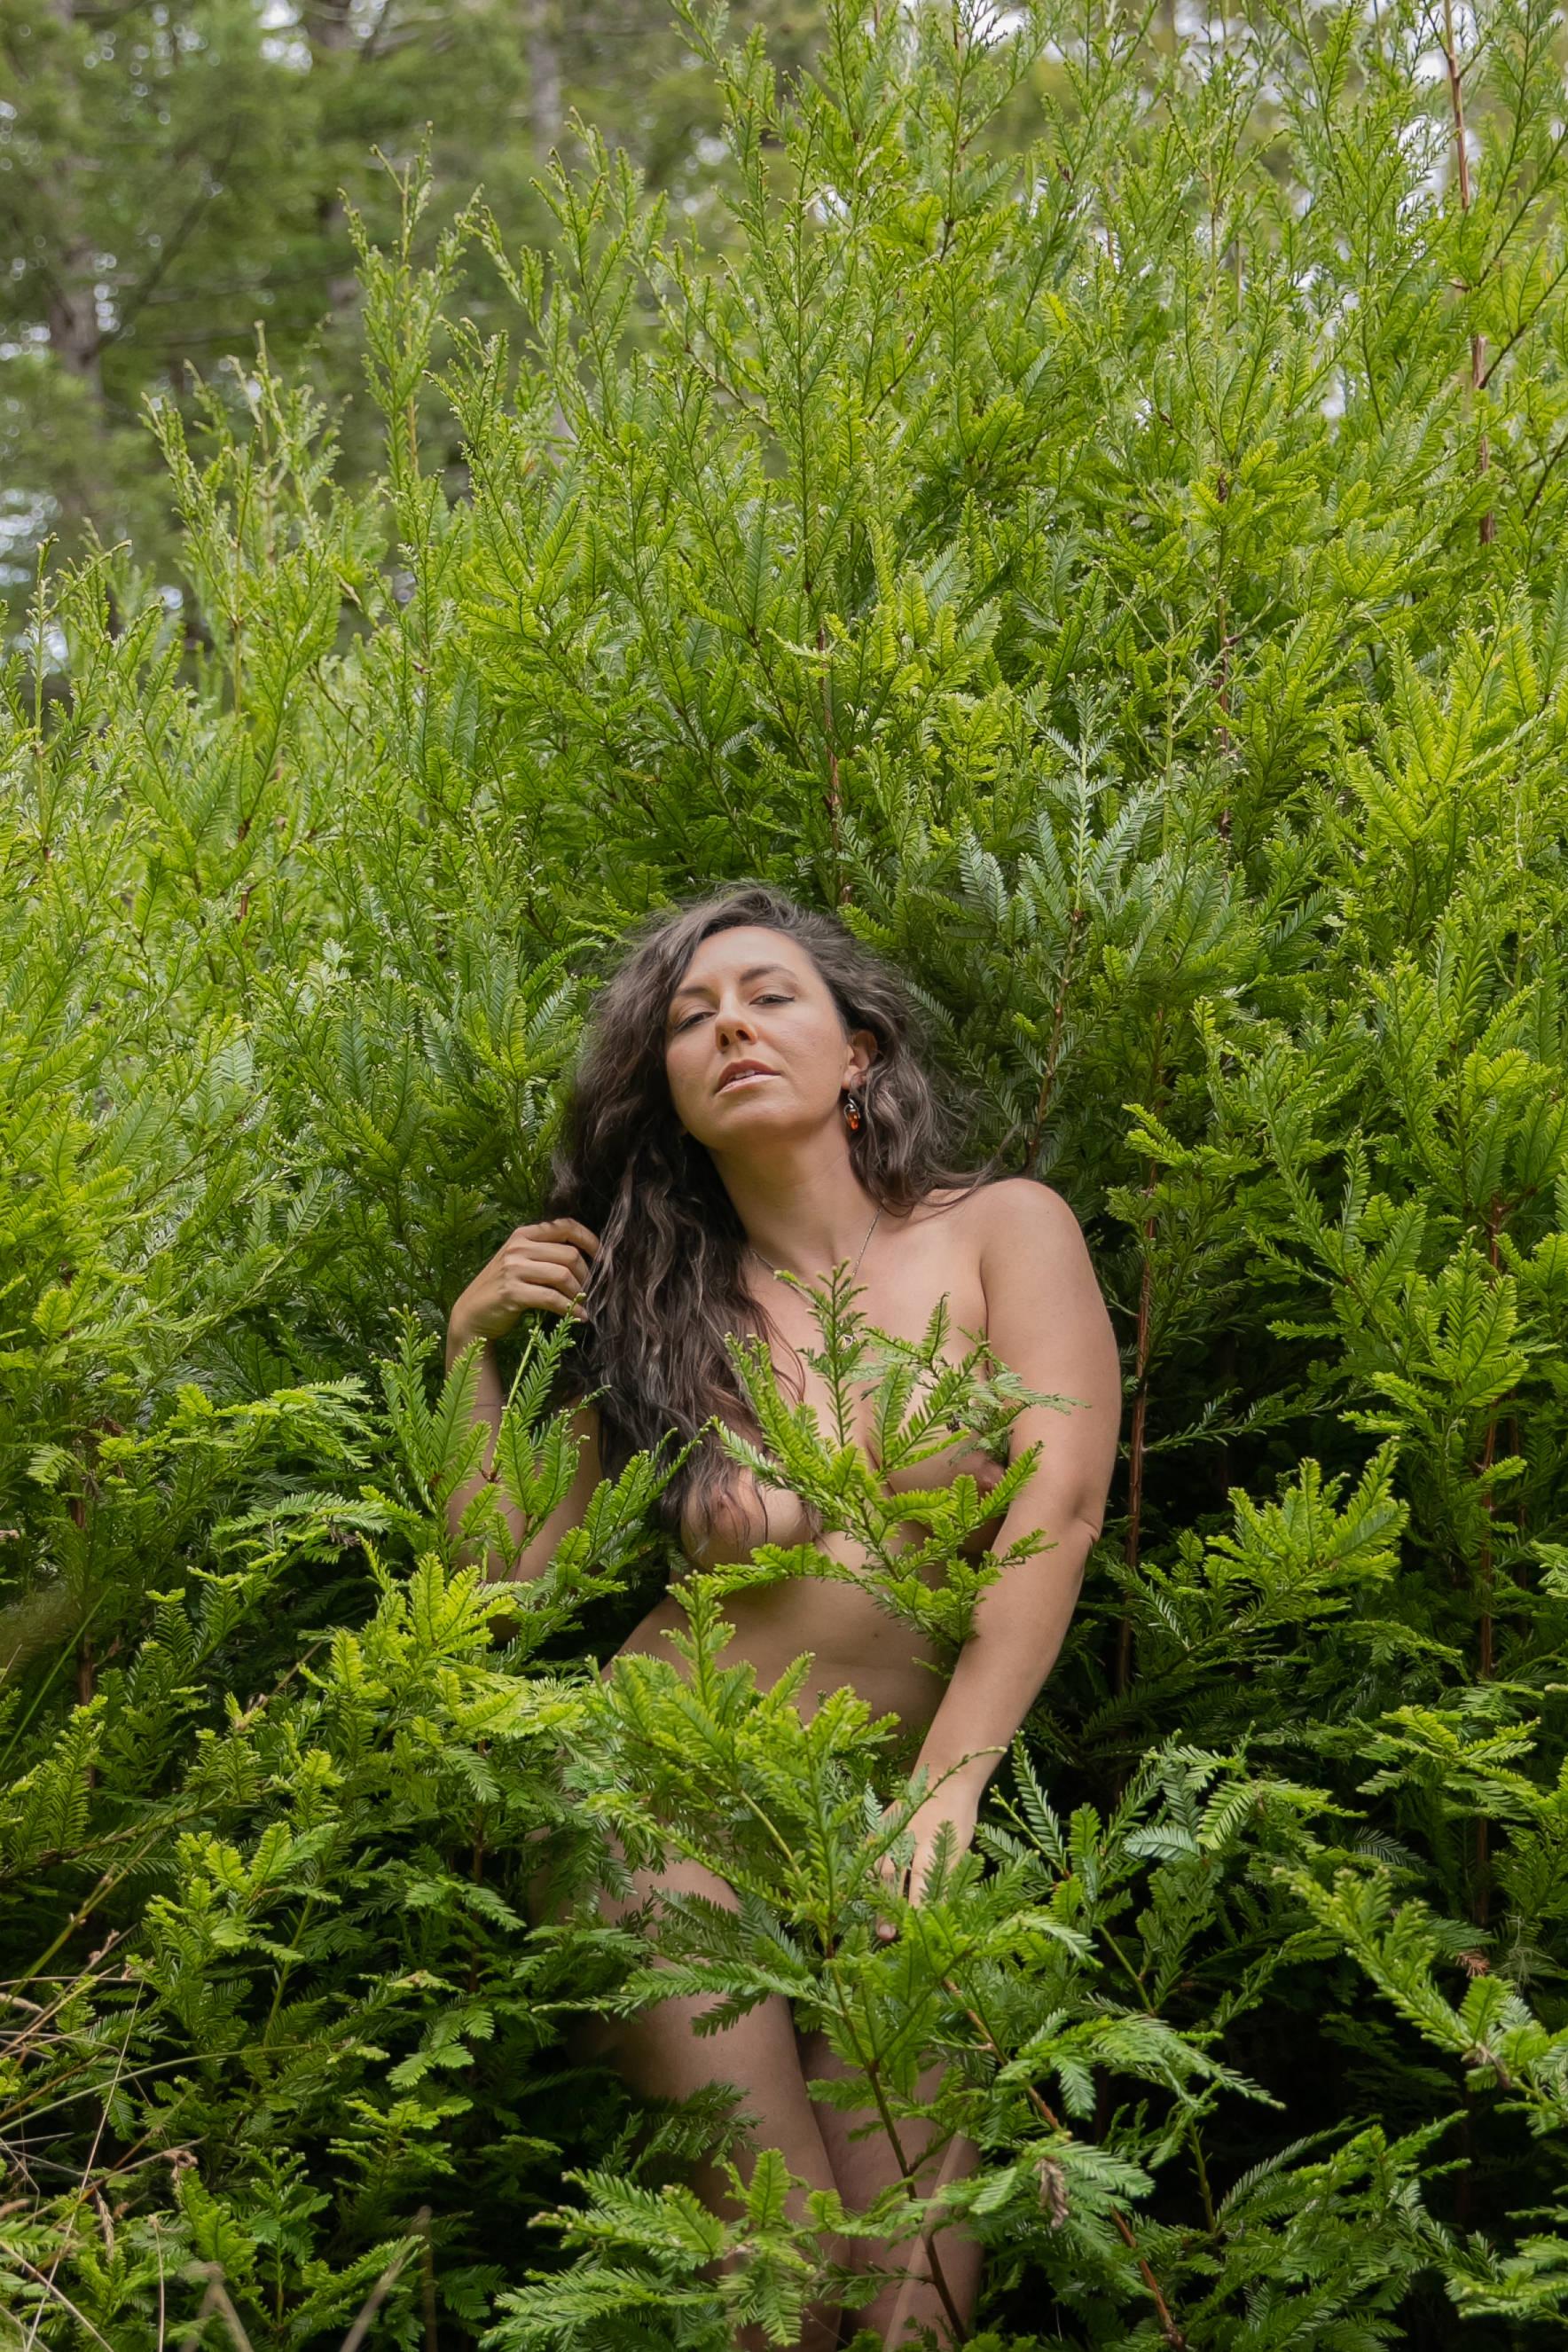 Lacunha_Green-1-11